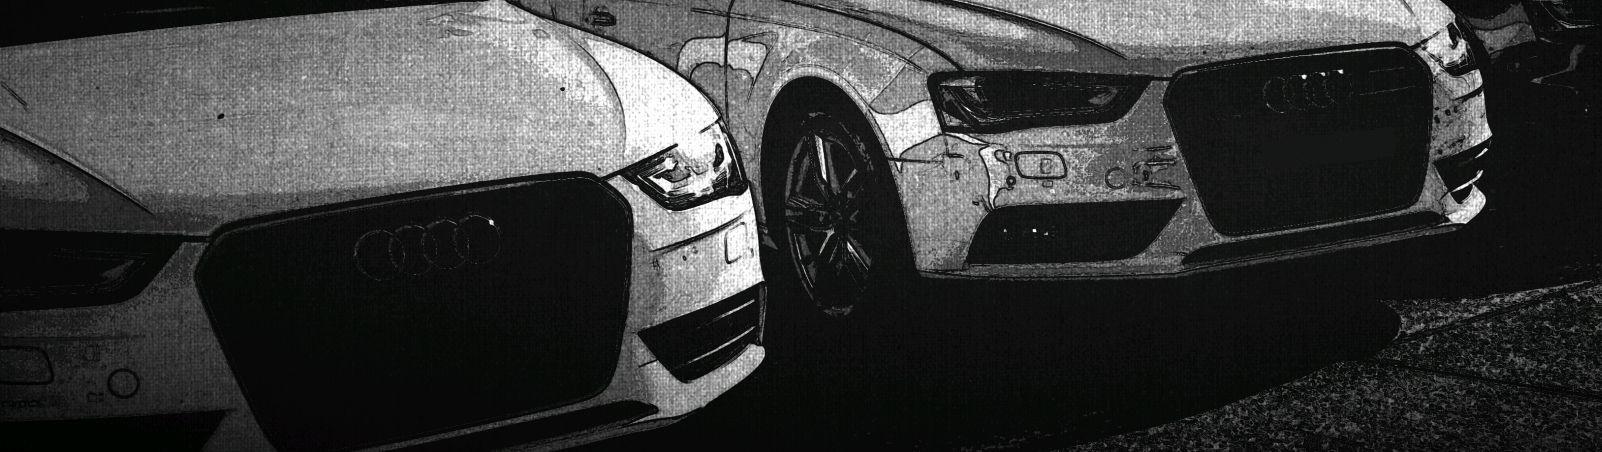 Audi Smash Repairs